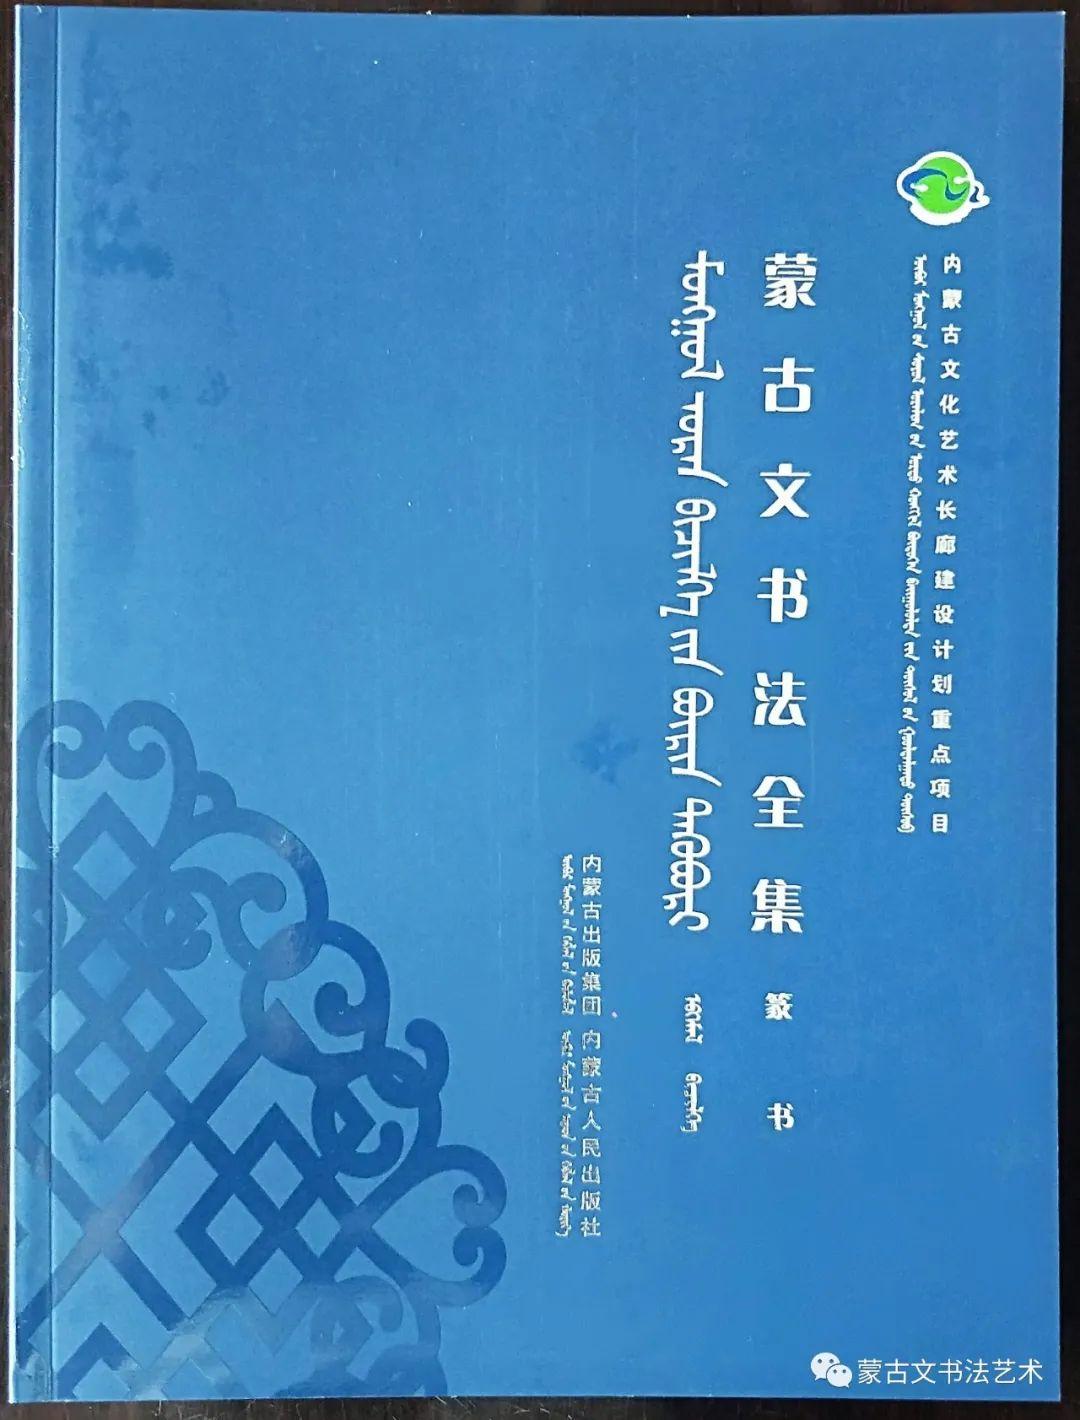 蒙古文书法全集 第31张